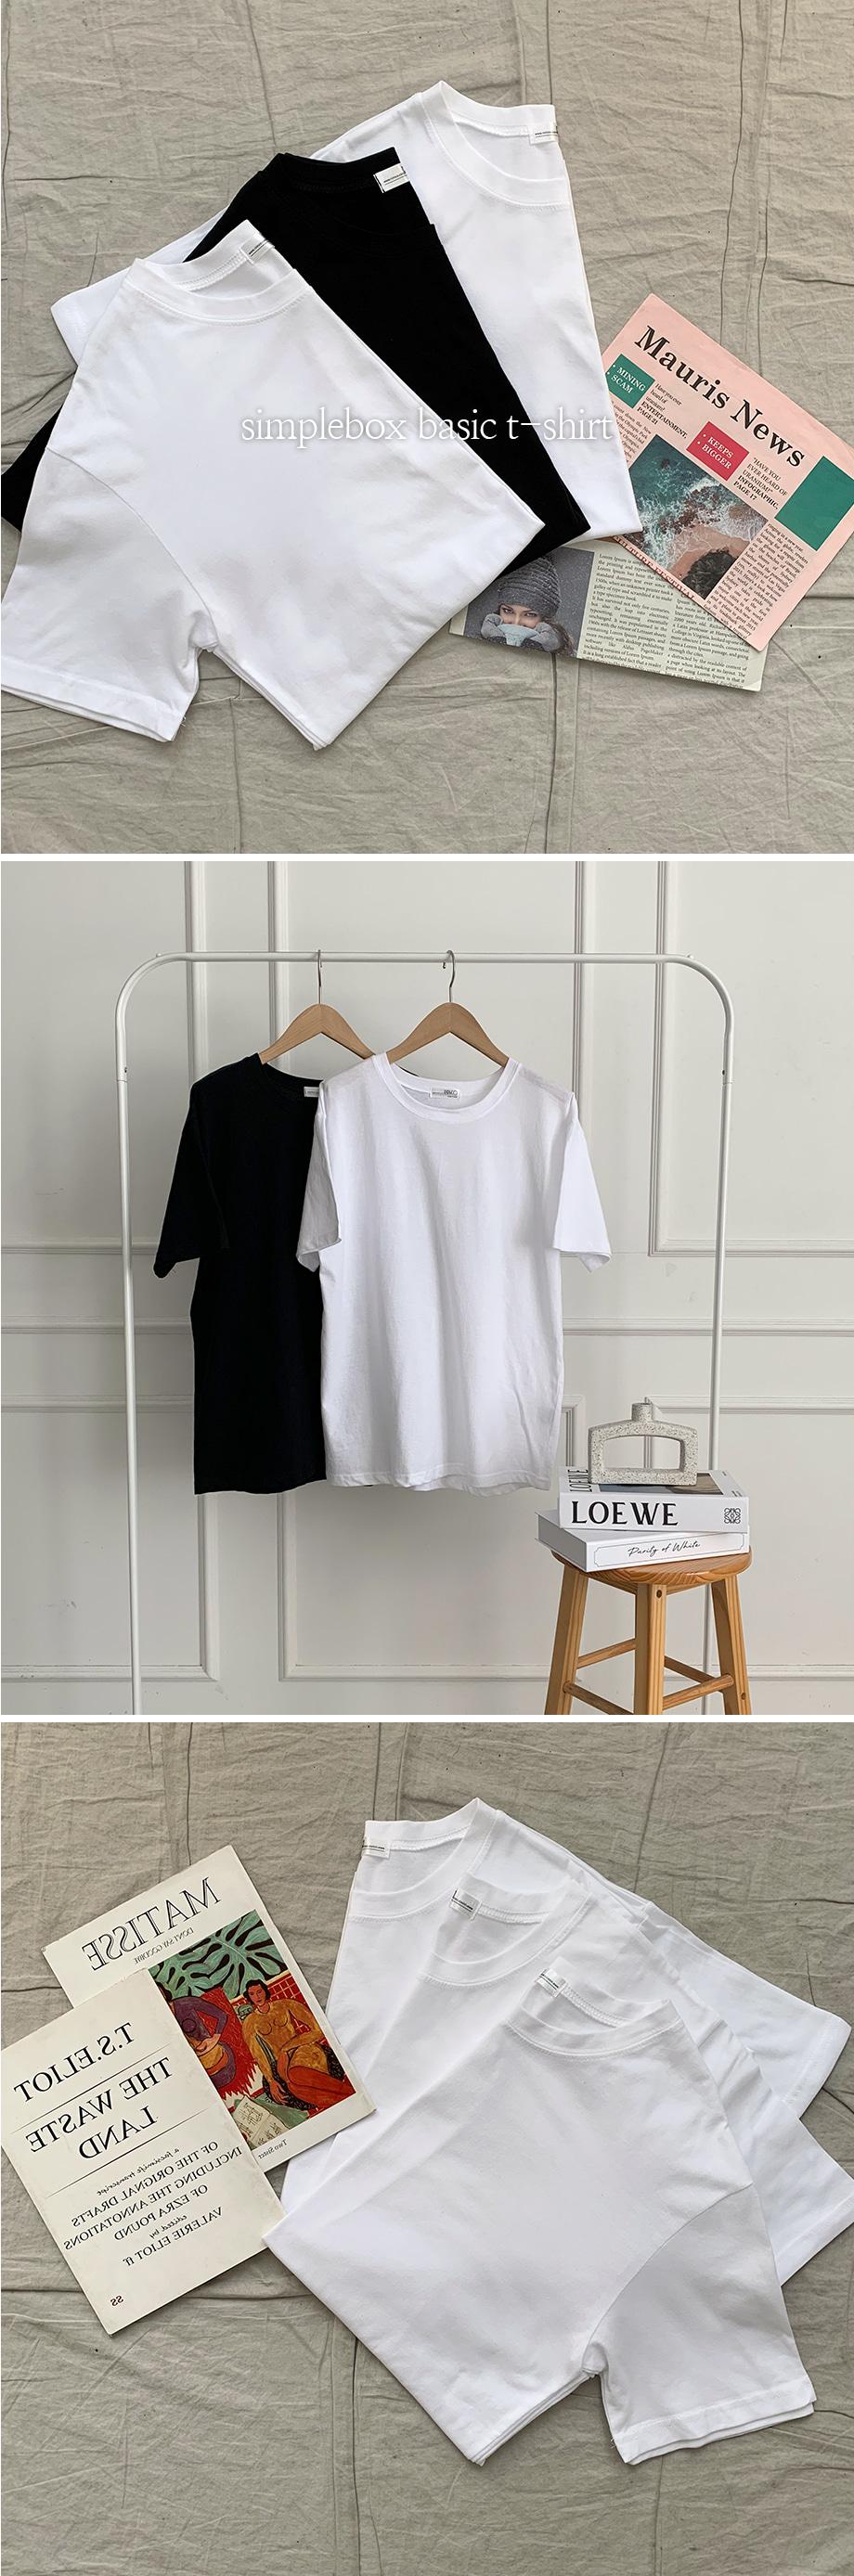 리리앤코 심플박스 3종 티셔츠